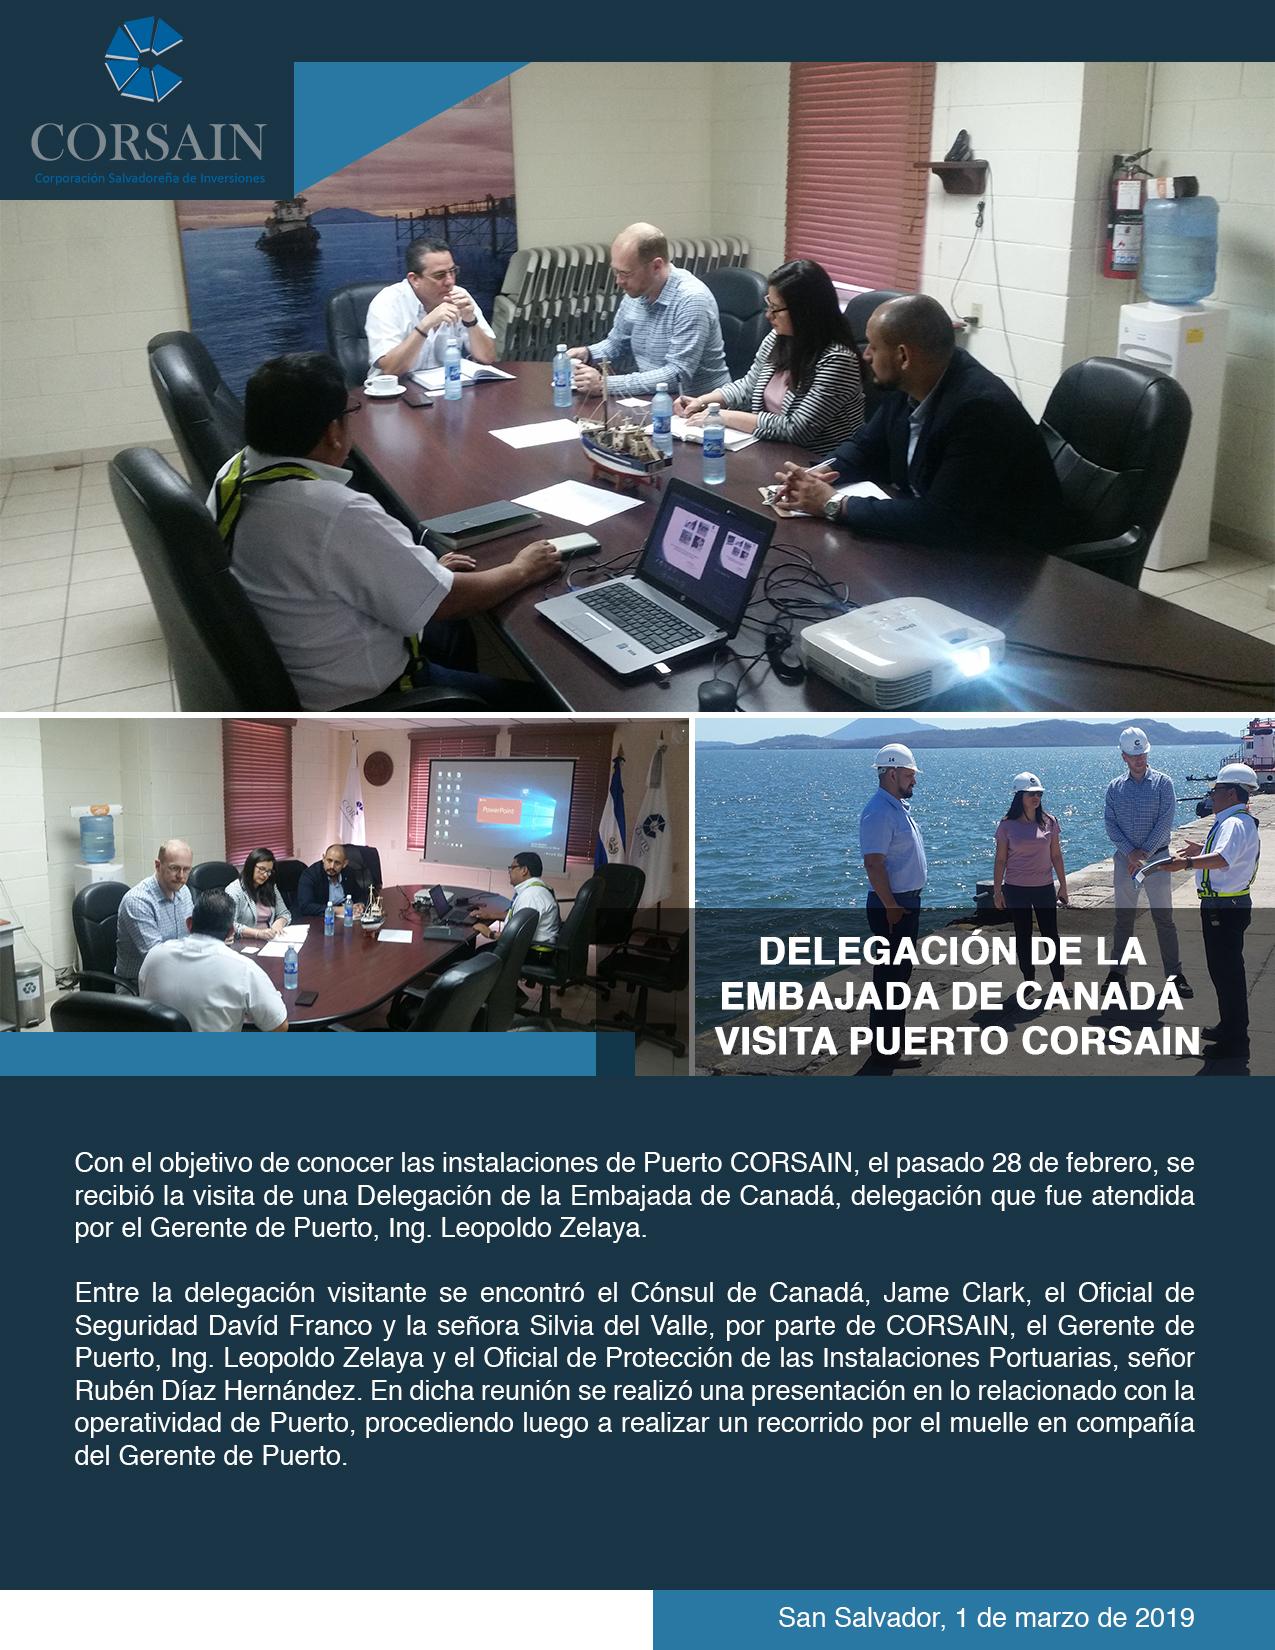 comunicado-visita-embajada-canada